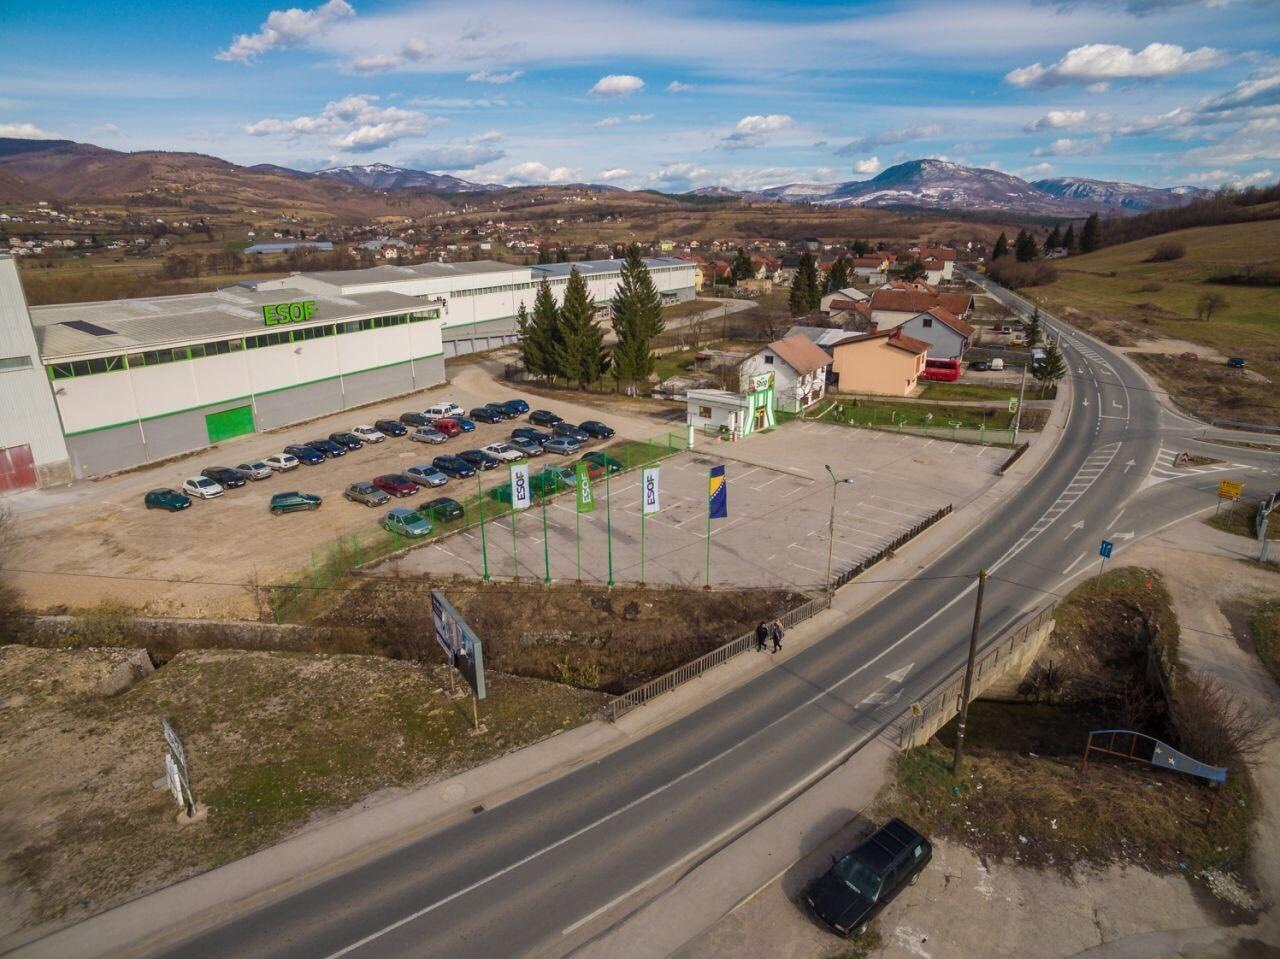 Najveći proizvodni centar voća i povrća ESOF otvara prodajno mjesto u Sarajevu